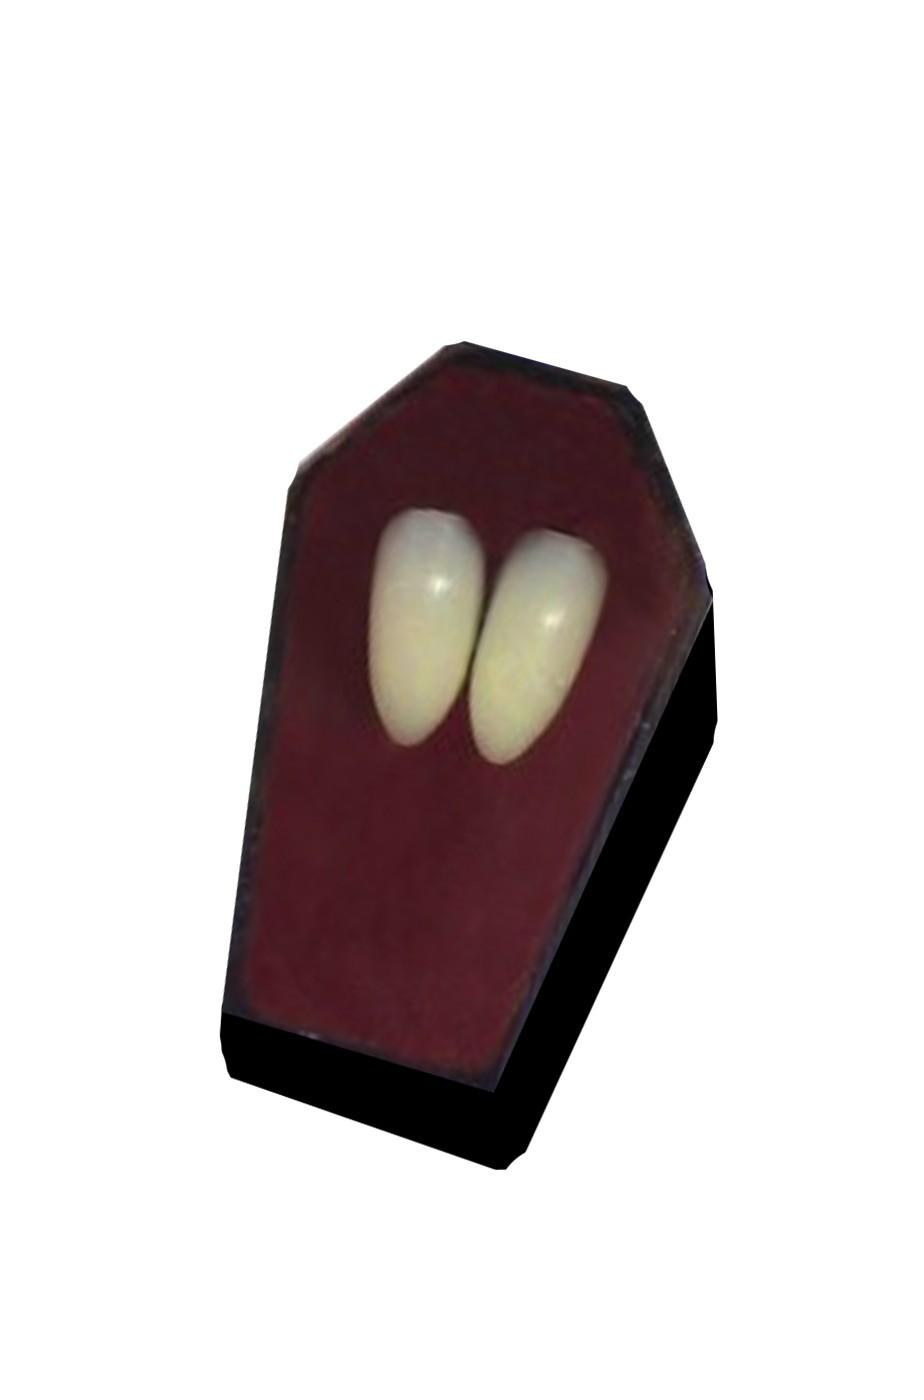 coppia di denti finti singoli per travestirsi da vampiro o dracula 0faef4d69c70